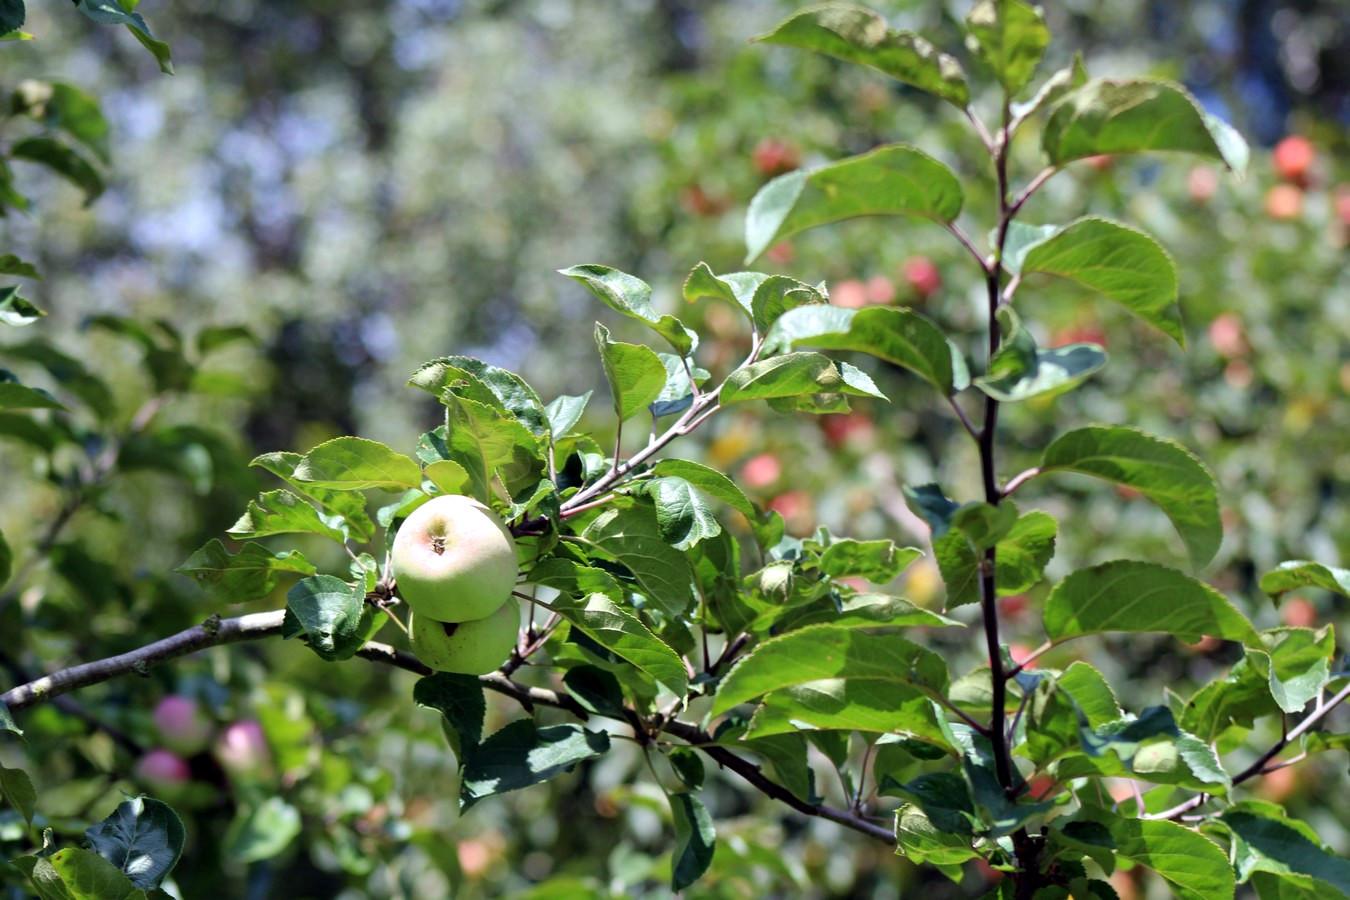 [Fil ouvert] Fruit sur l'arbre - Page 9 893885010Copier